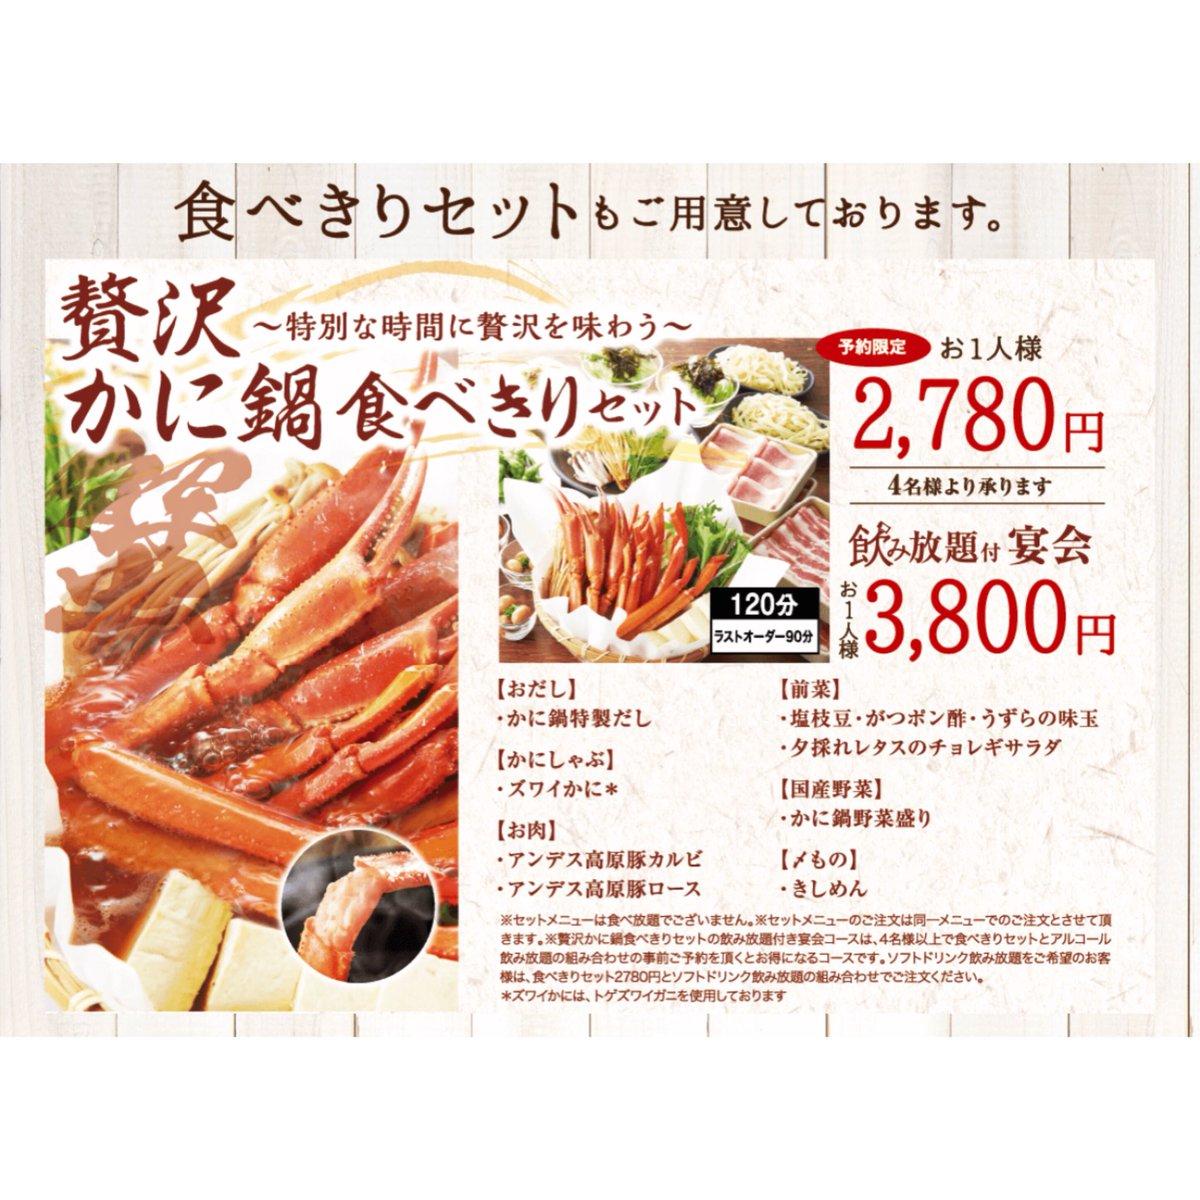 しゃぶしゃぶ 温 野菜 熊本